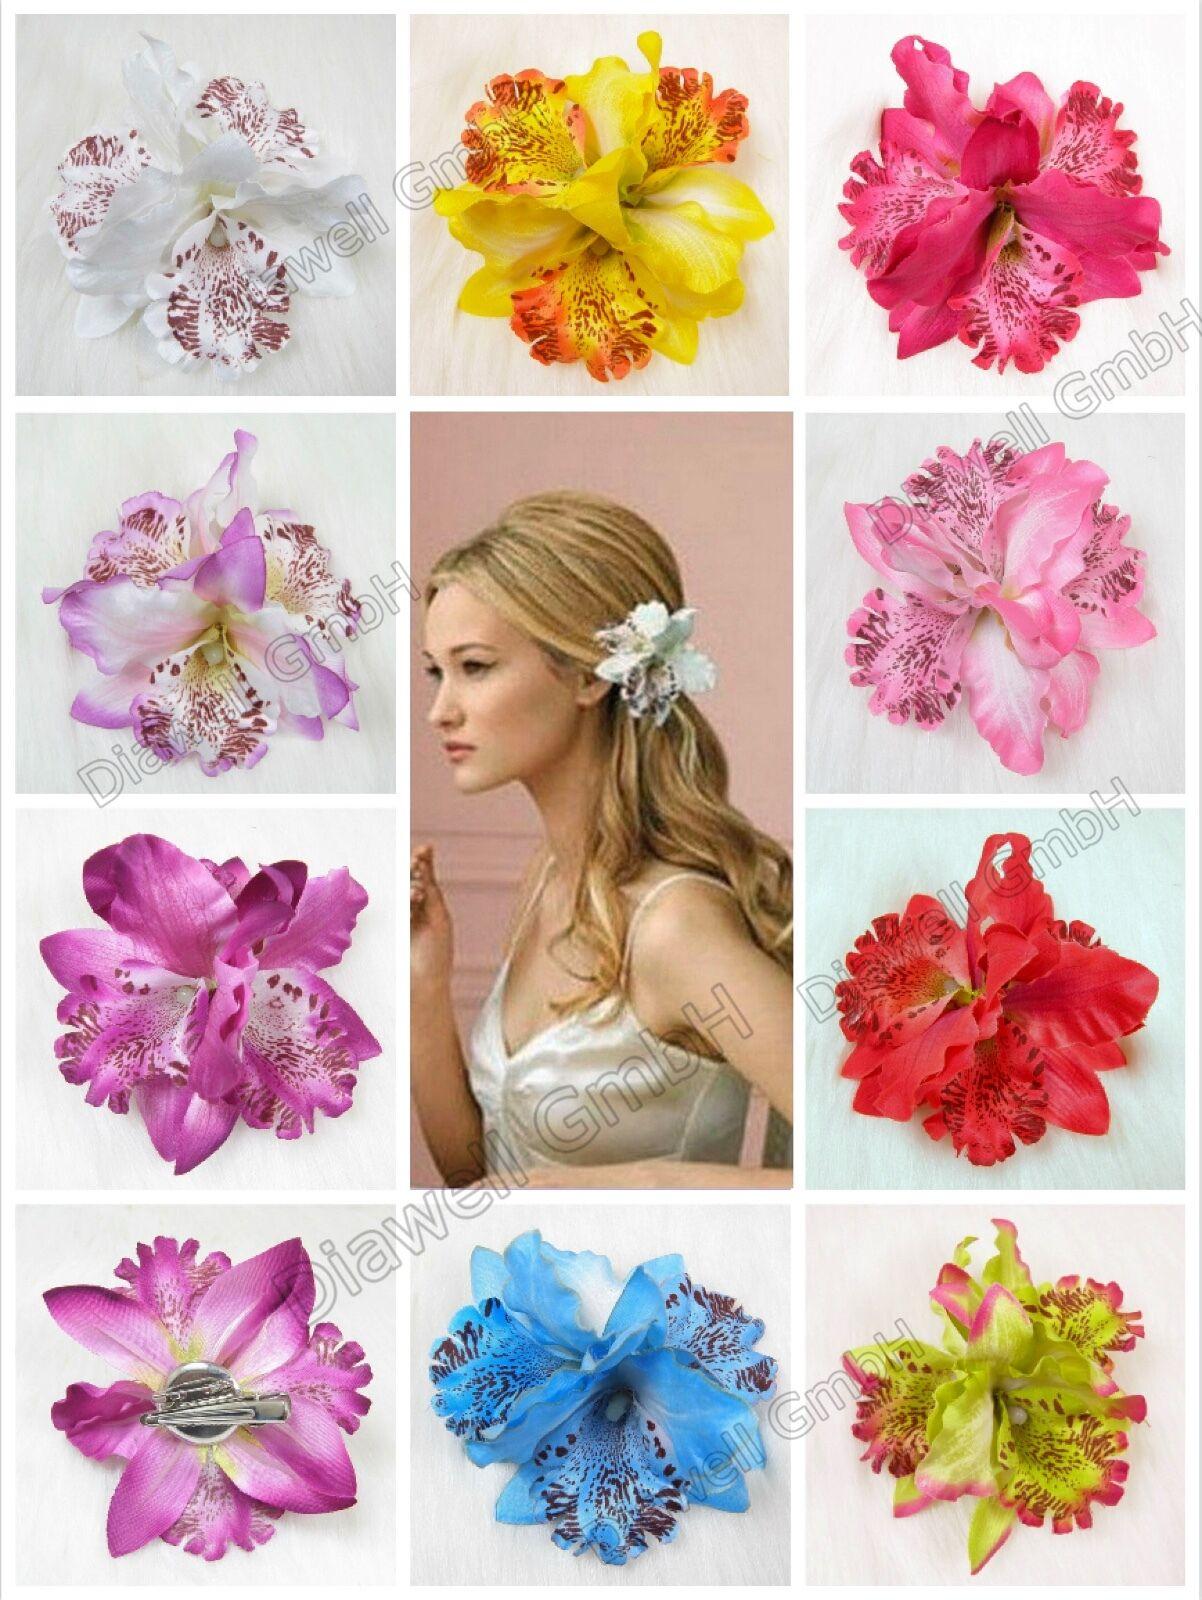 3x Orchidee Haarblume Haarclip Haarspange Blume Blüte Ansteckblume Haarschmuck